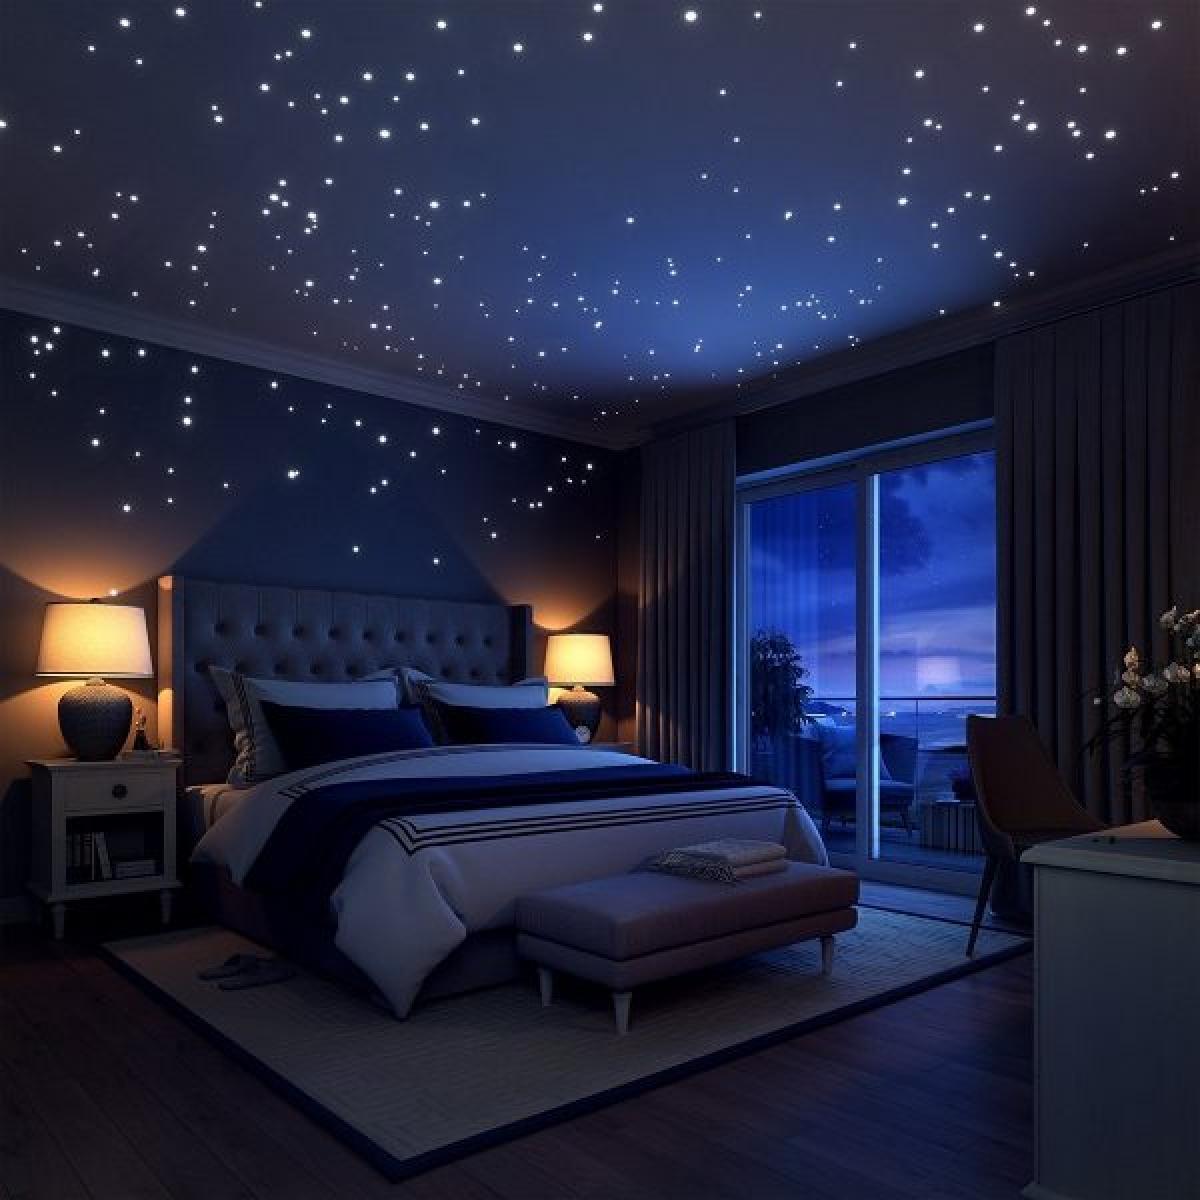 Trang trí phòng bé bằng dấy gián tường phát sáng, buổi tối không gian sẽ rất lung linh, bay bổng